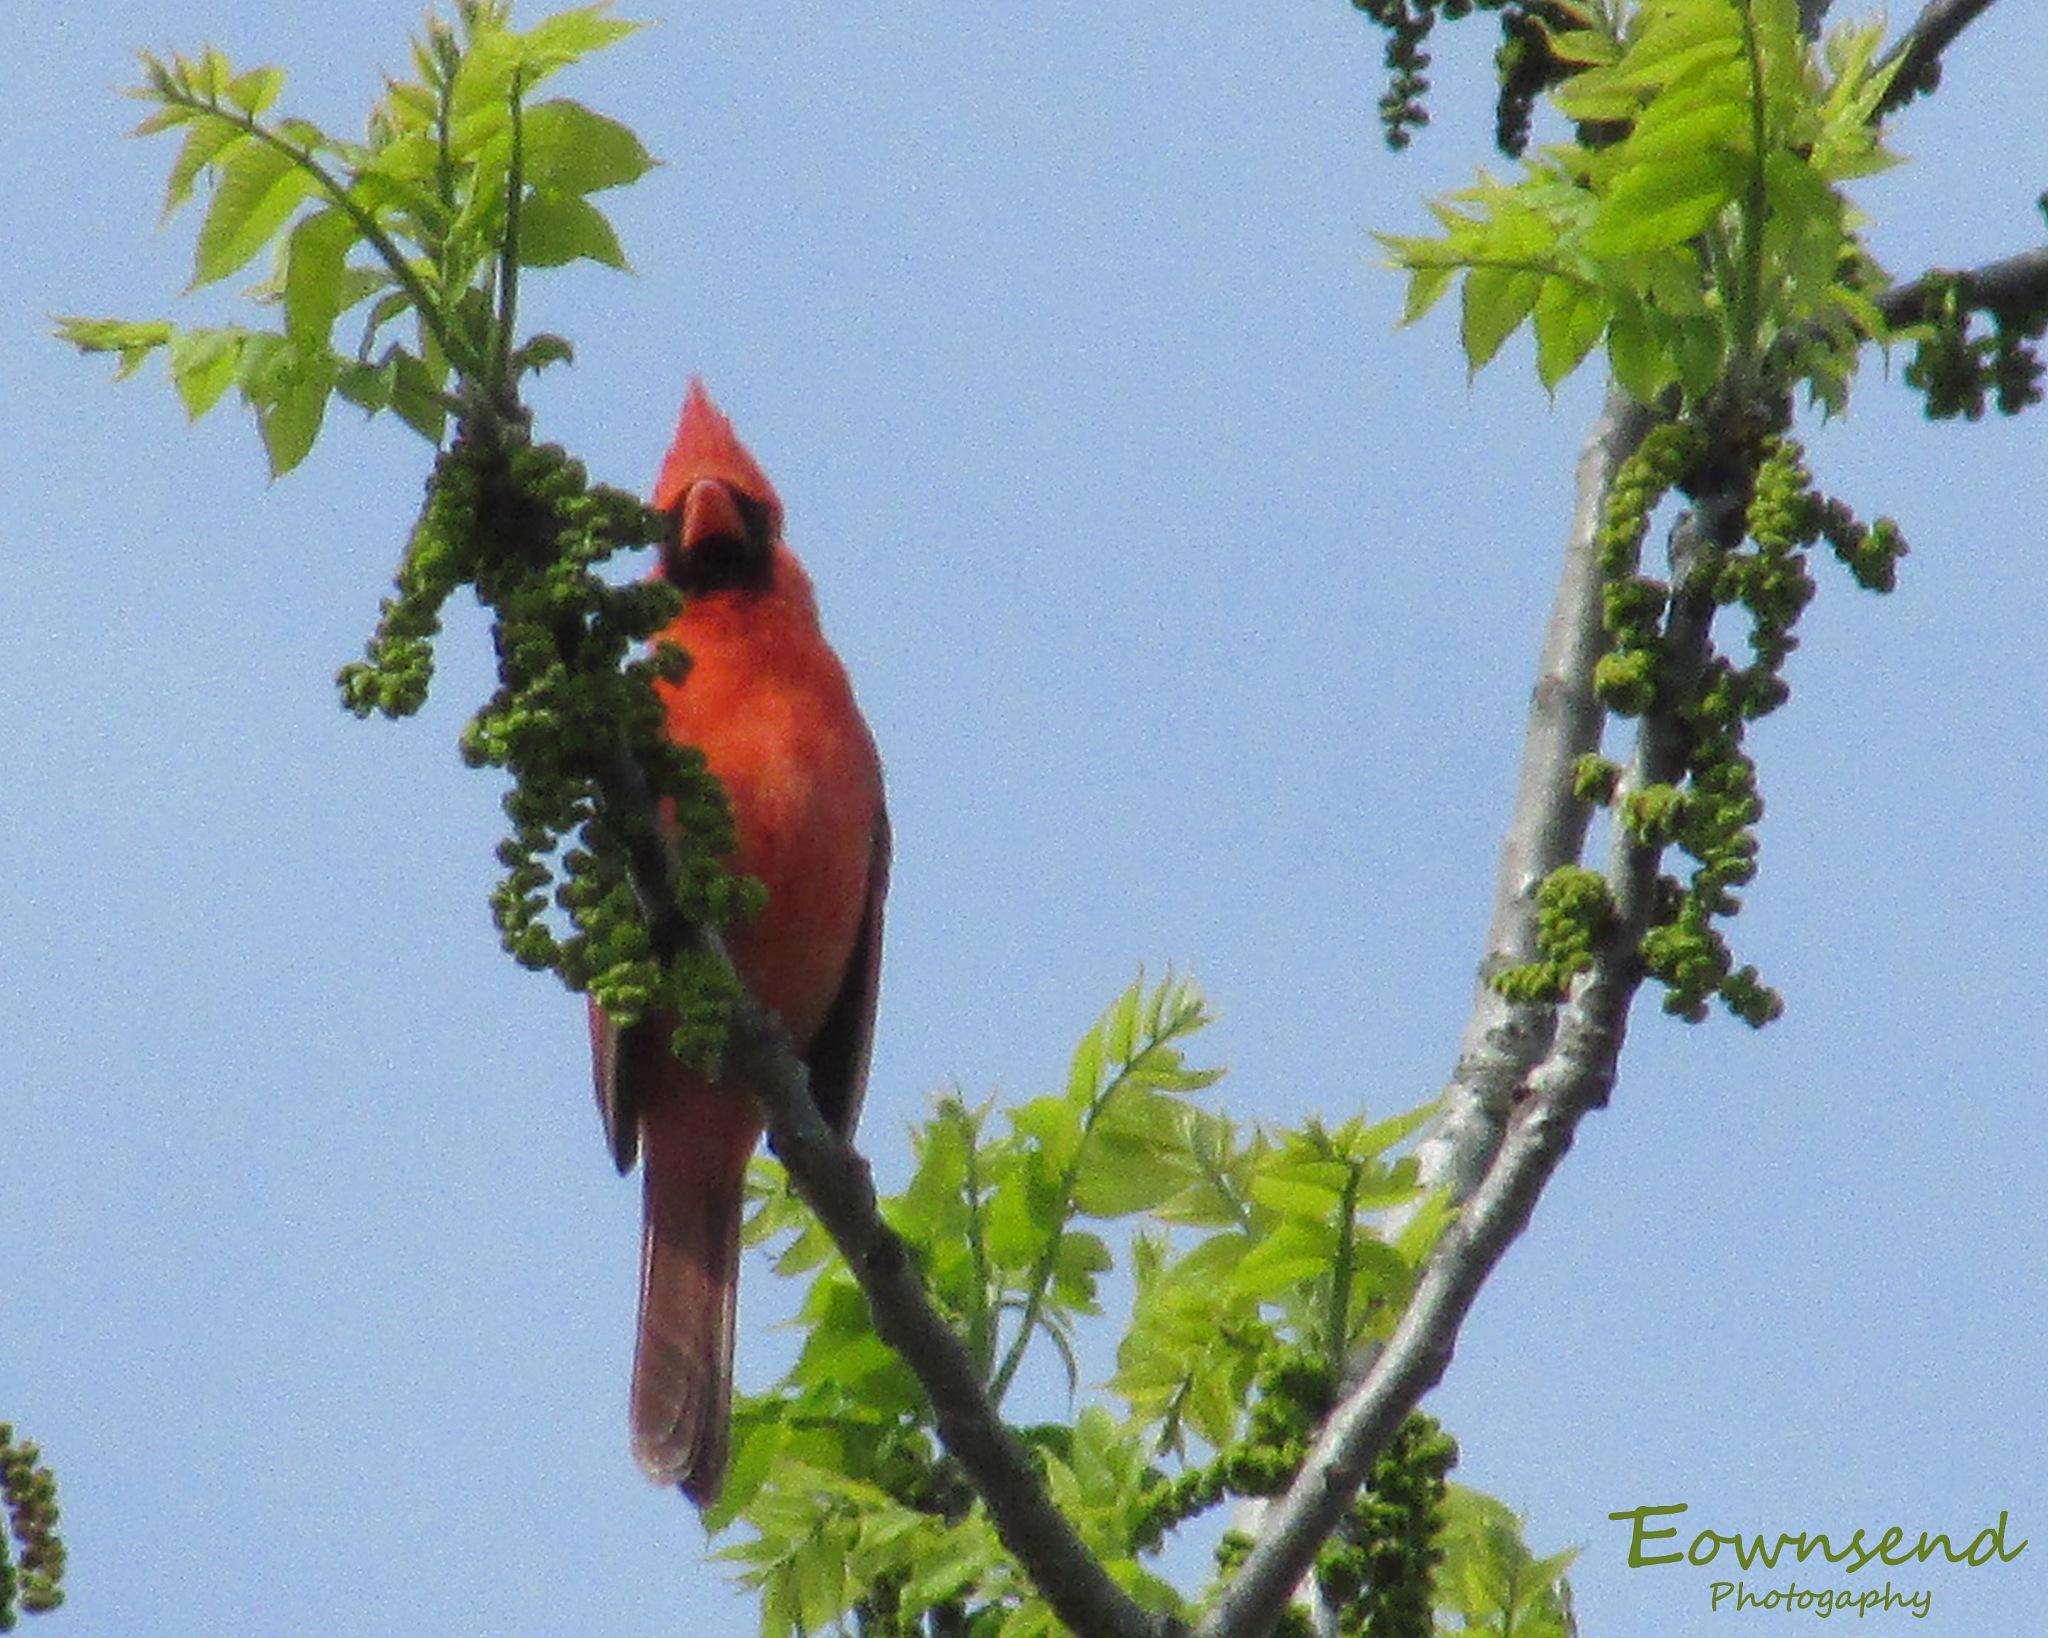 Cardinal by Elizabeth C. Townsend